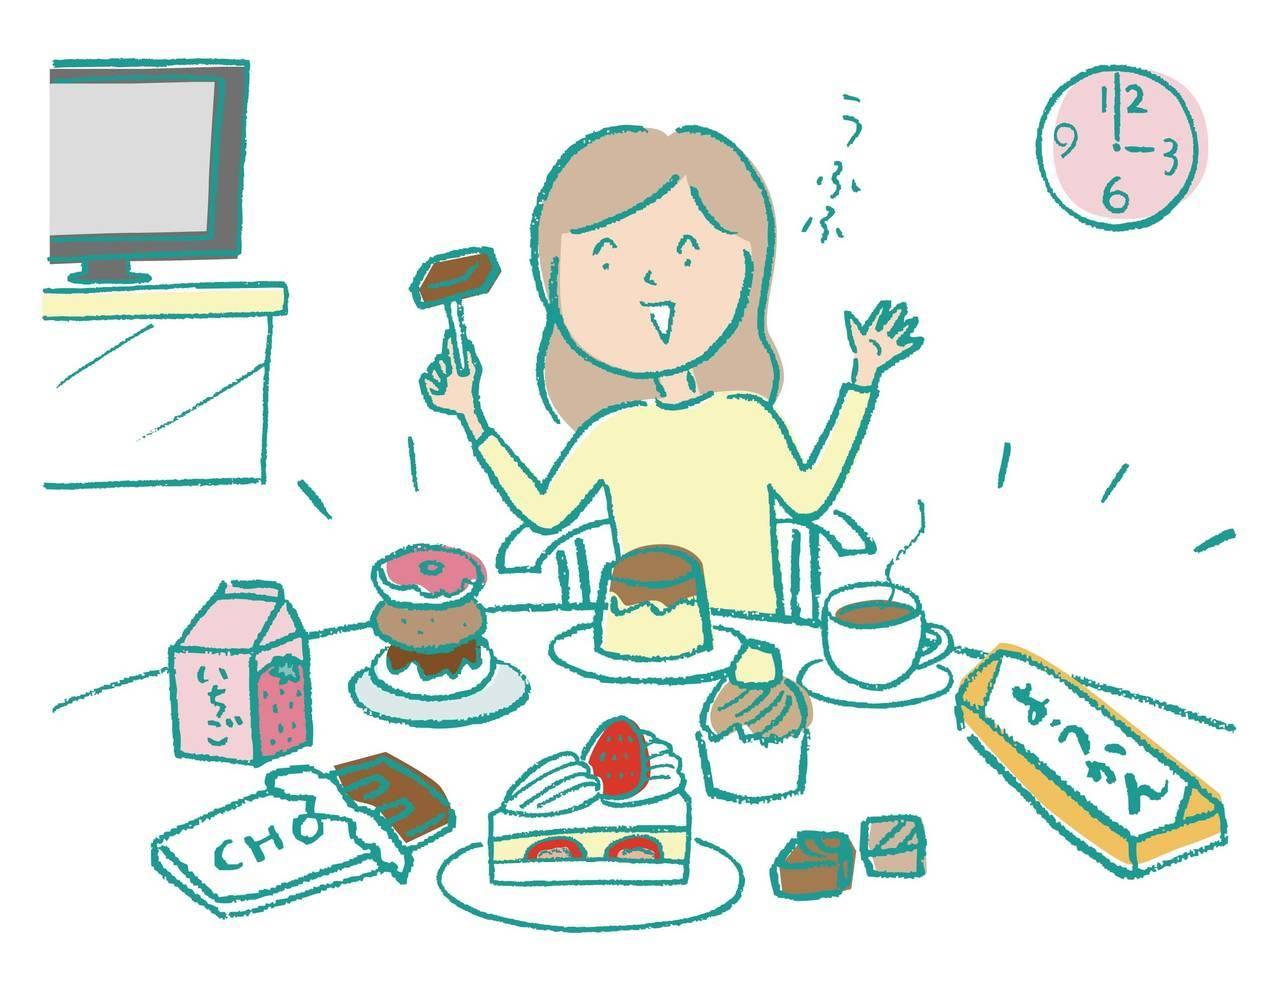 専門家が教える、五感でラクラクダイエット - 香り、色、味覚でヤセる!|からだにいいことWeb